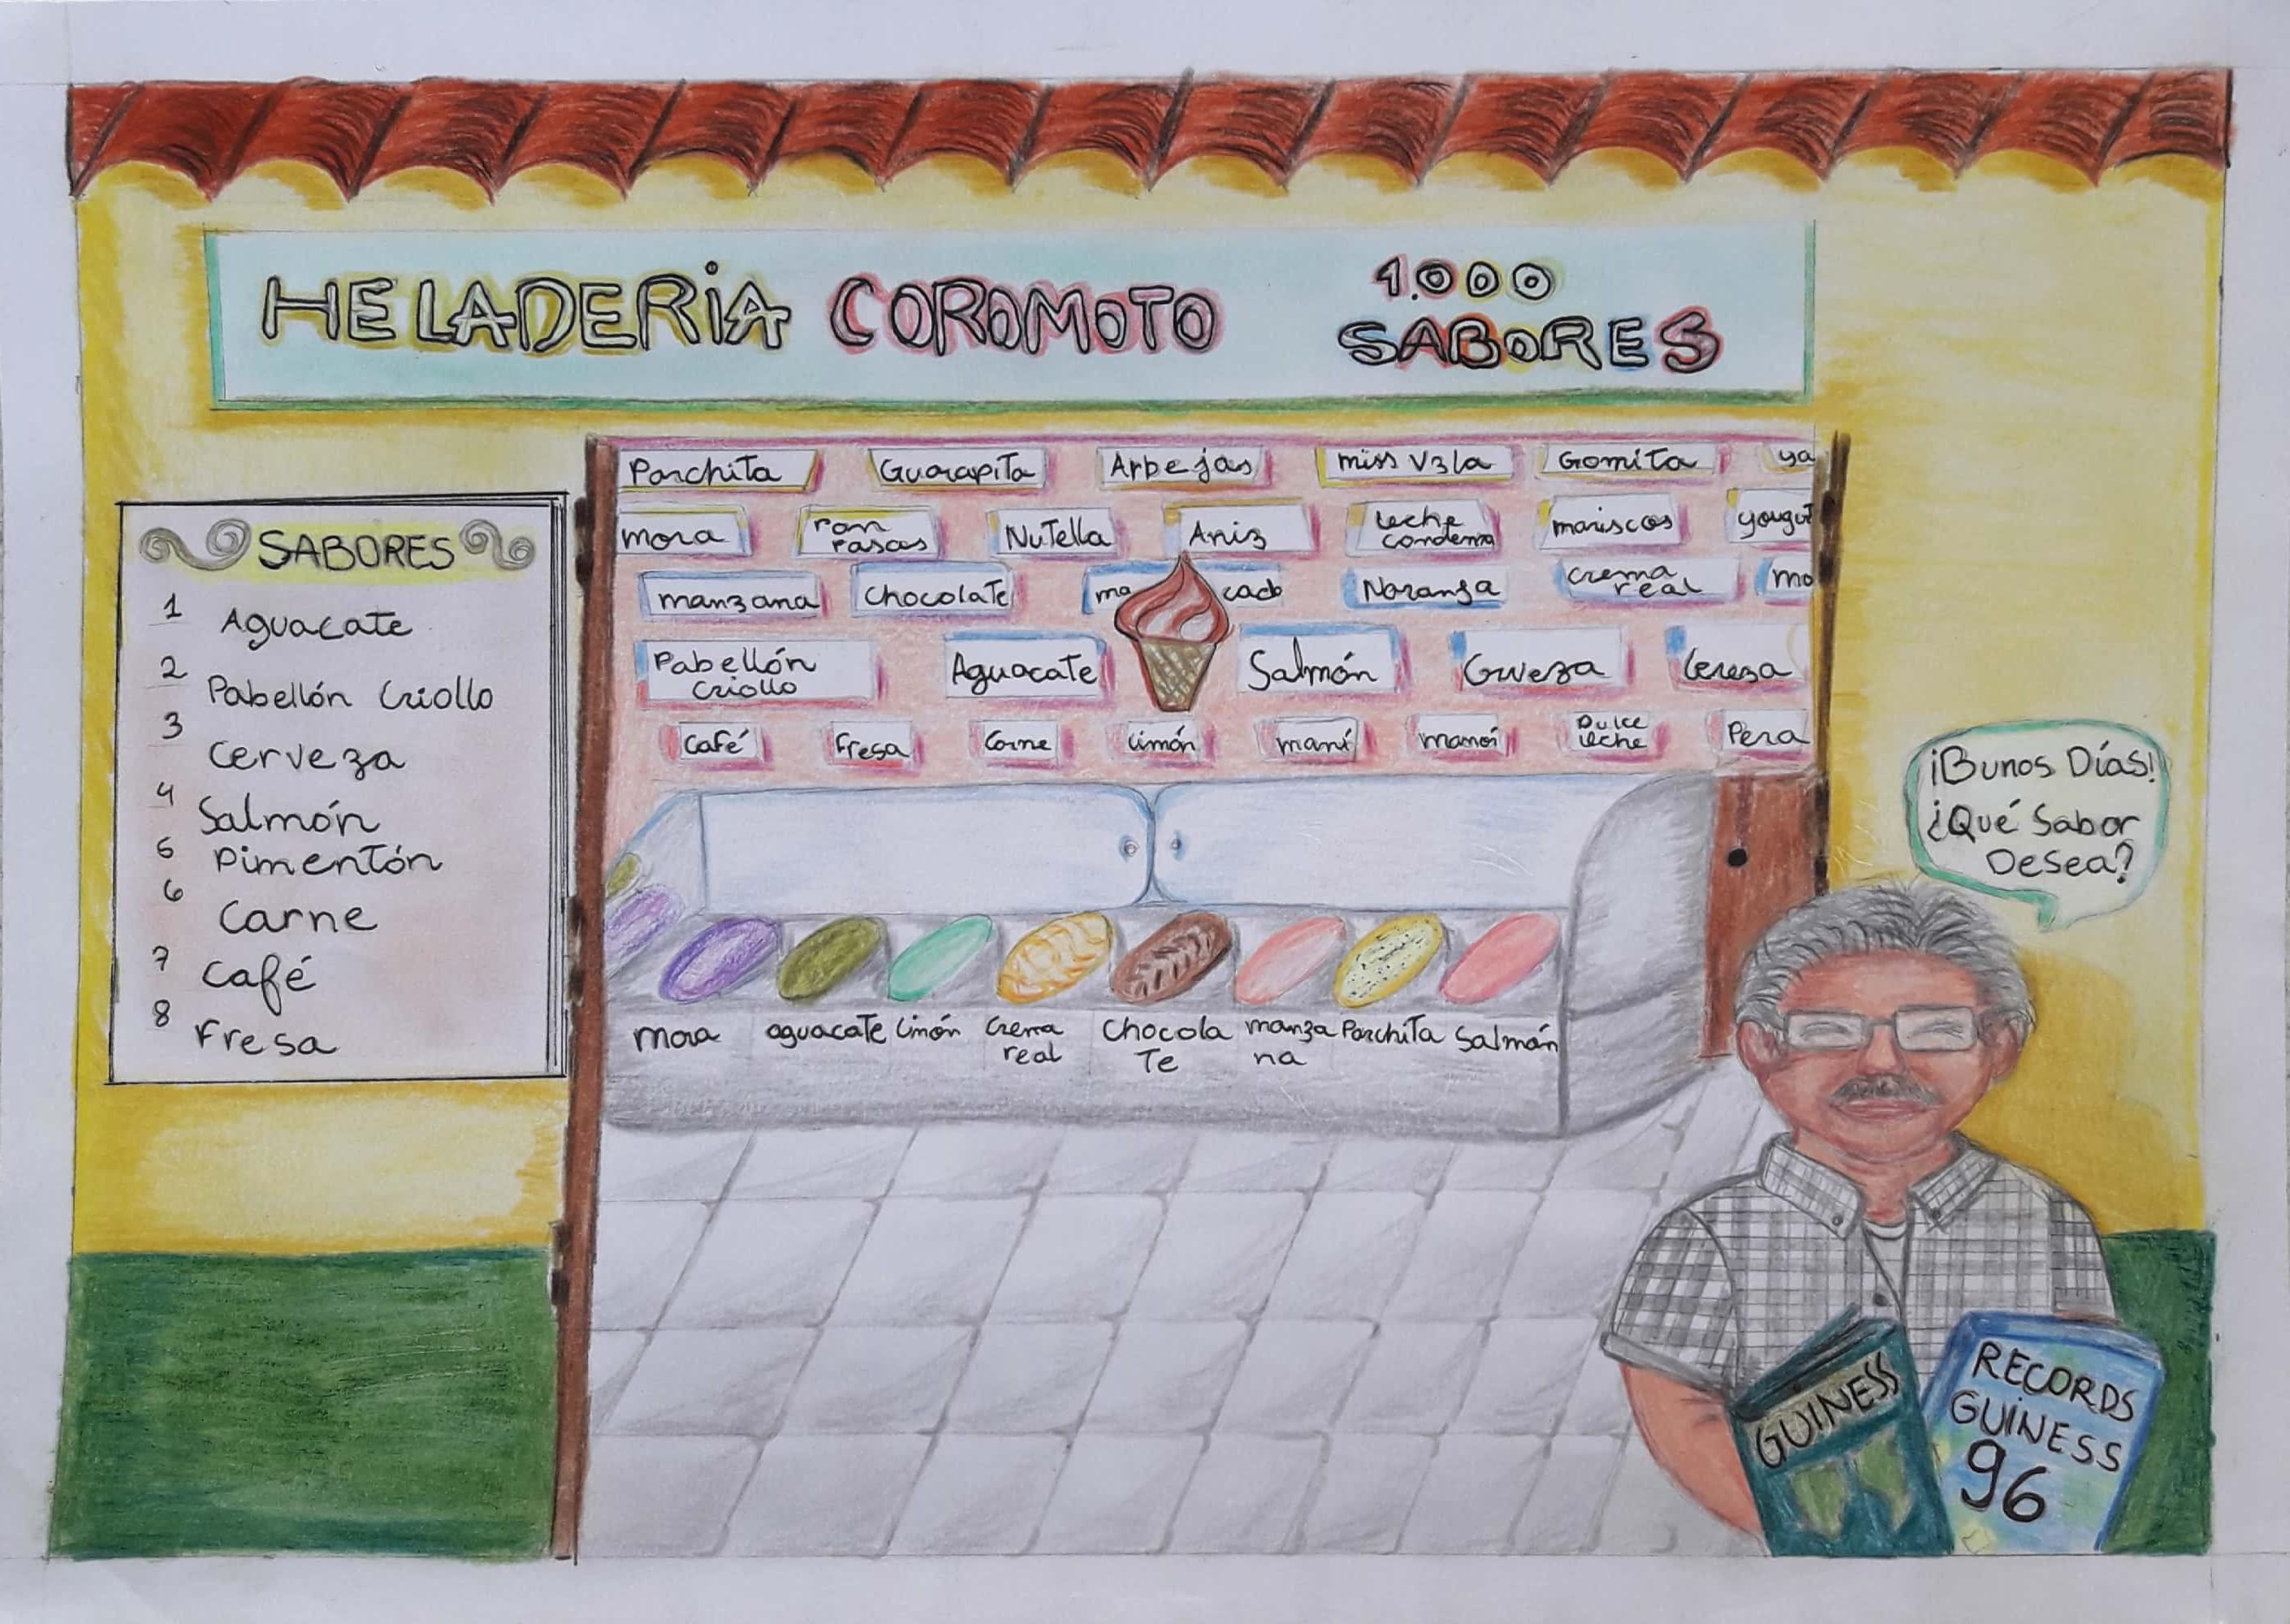 I-13 Heladeria de1000 sabores